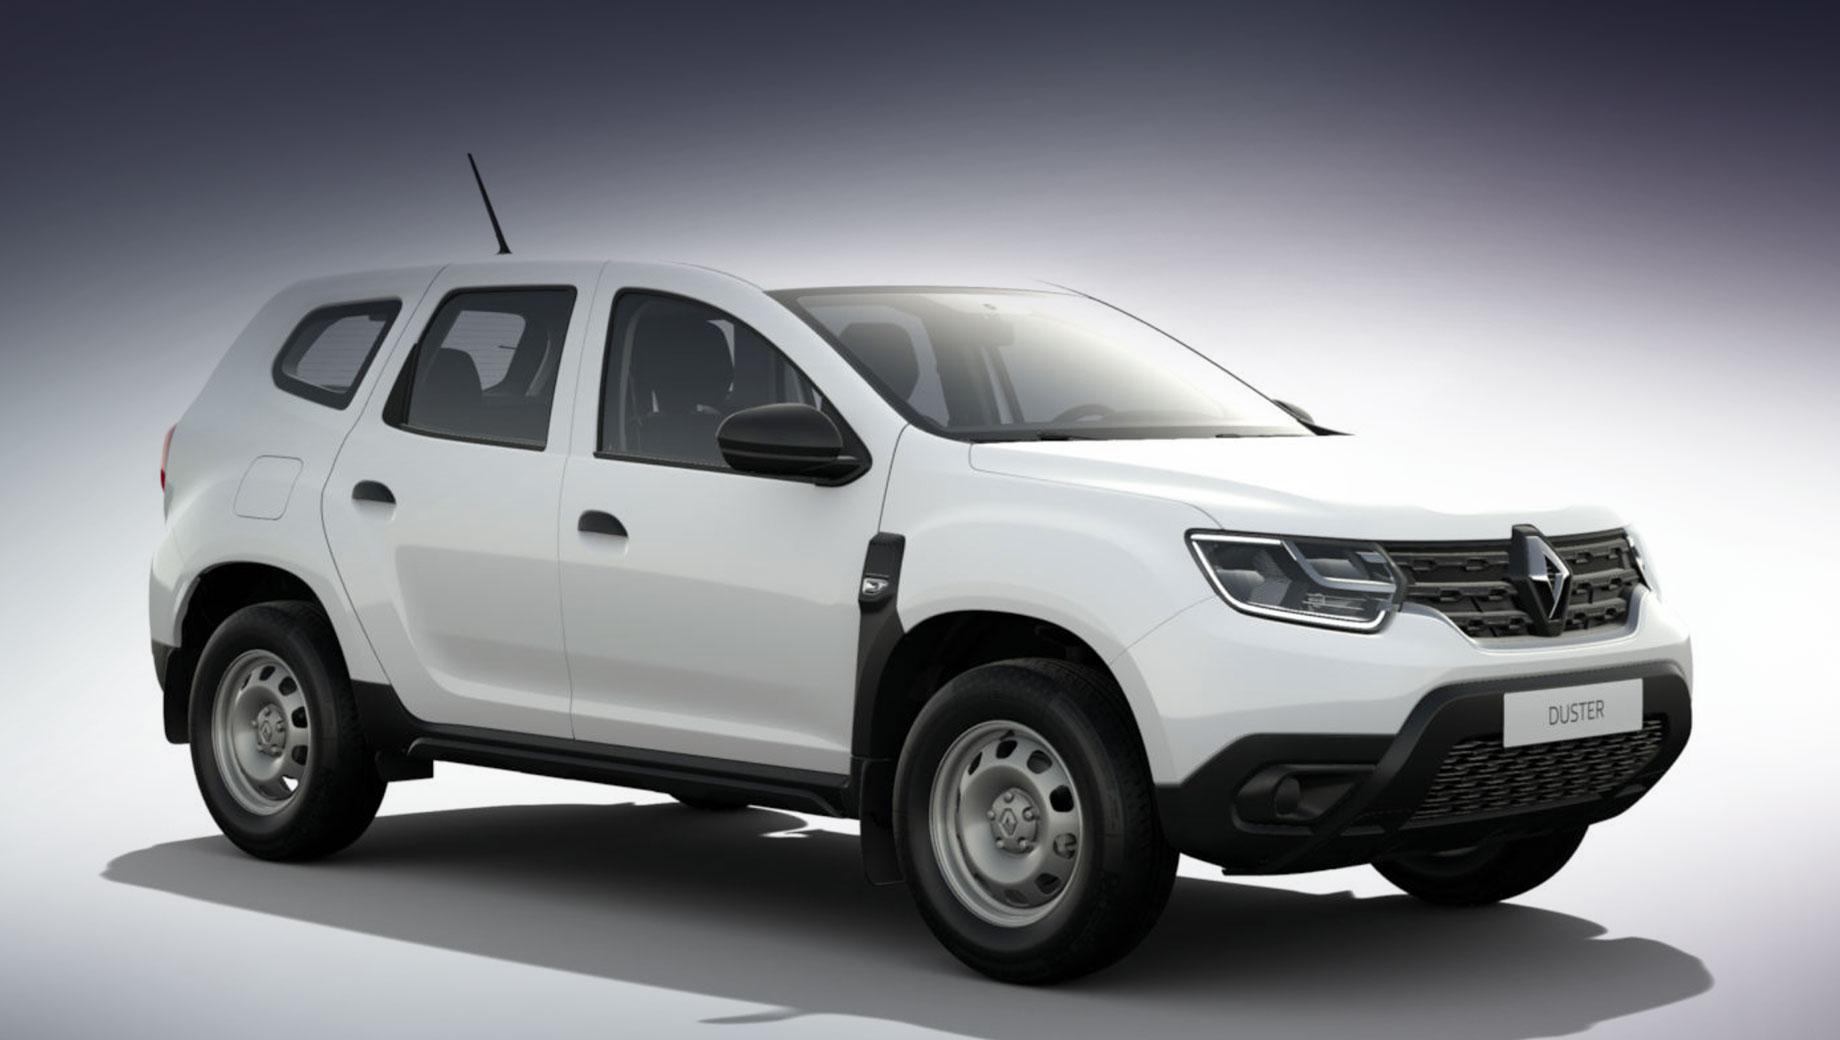 Новый Renault Duster оценён в четырёх комплектациях и спецверсии